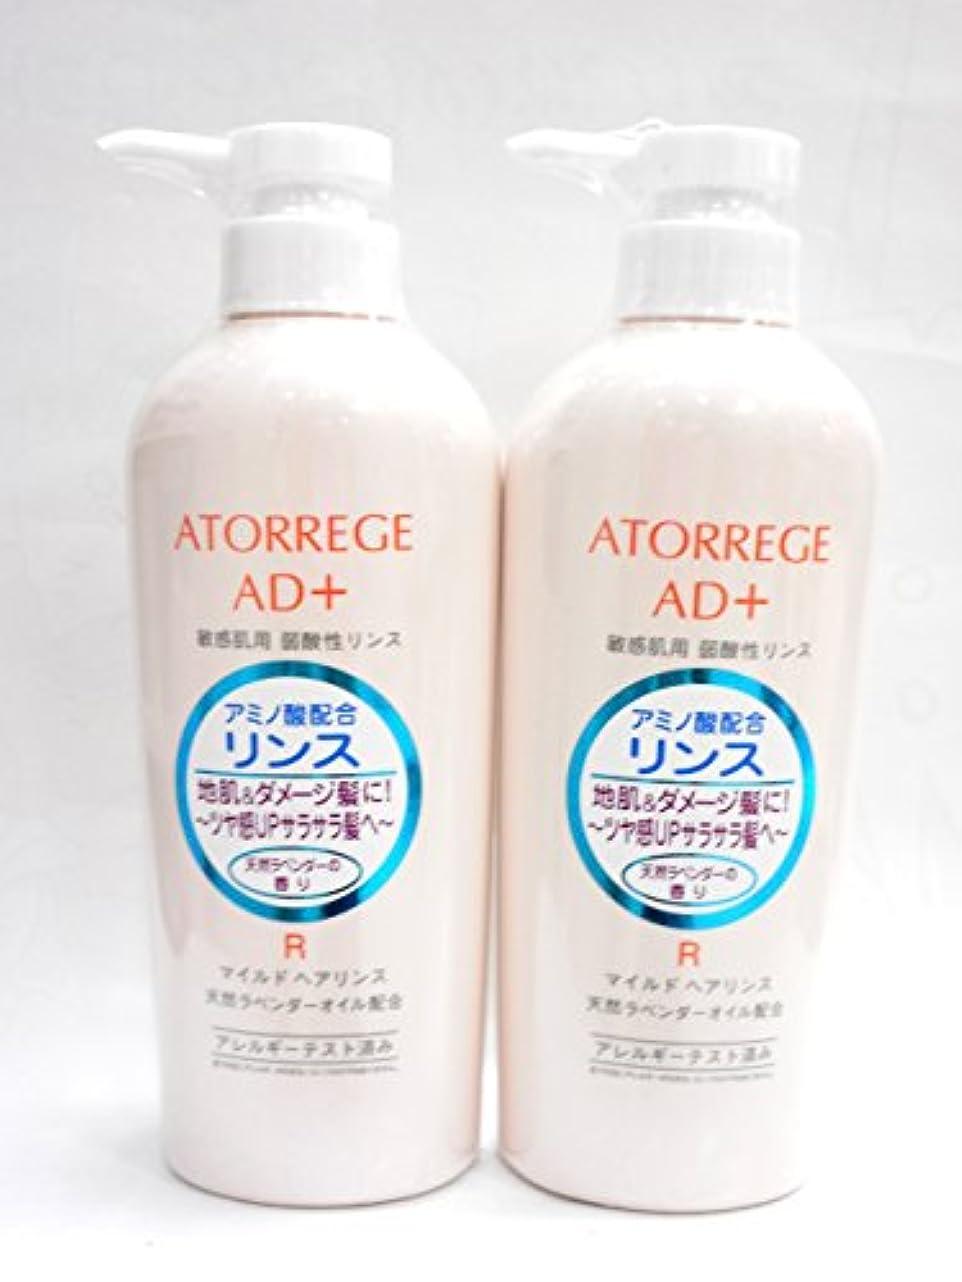 圧縮された珍味海藻アトレージュ AD+マイルドヘアリンス 390ml(敏感肌用ヘアリンス)X2個セット